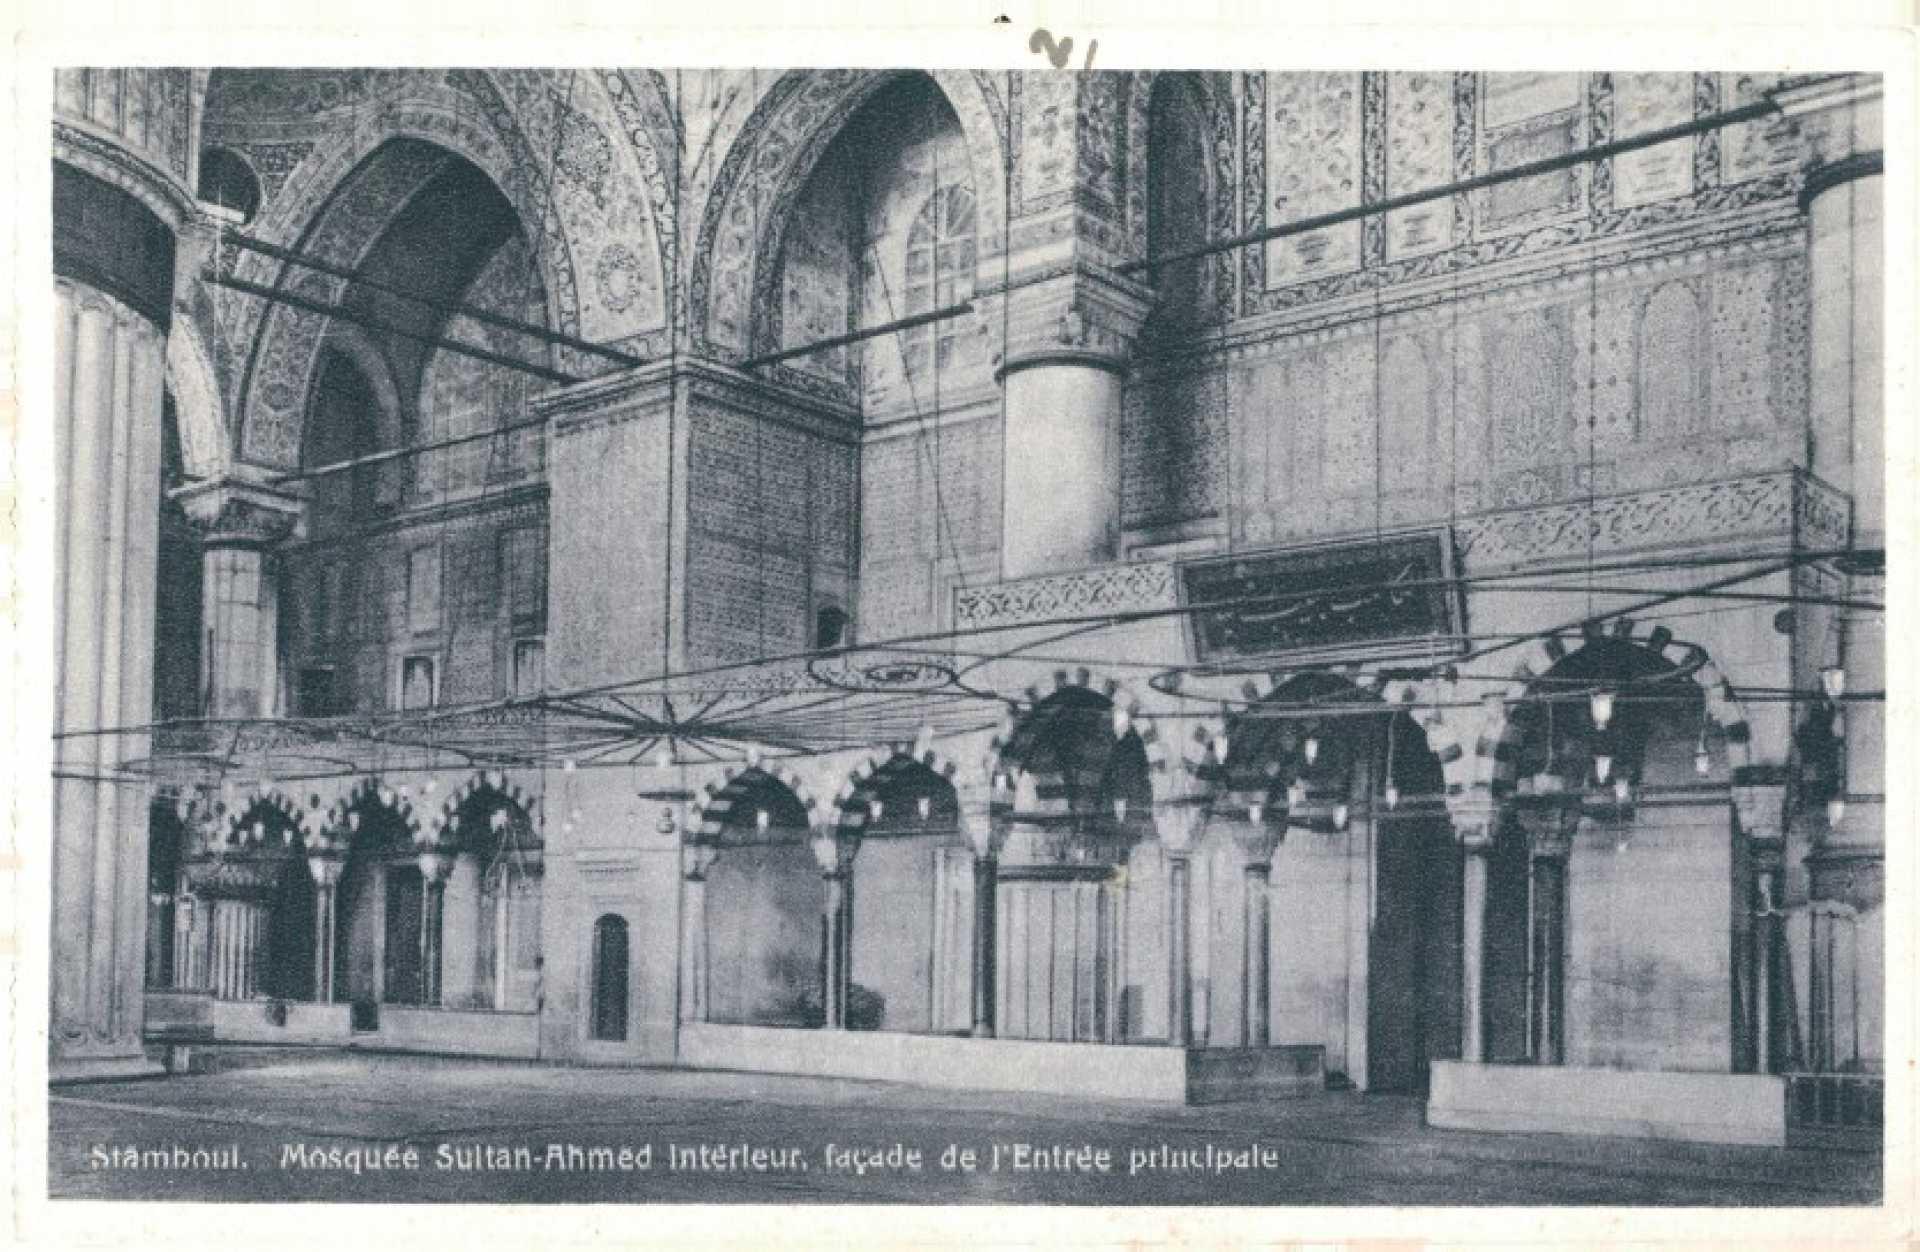 Mosquee Sultan Ahmed Interleur. facade de l'Entree principale